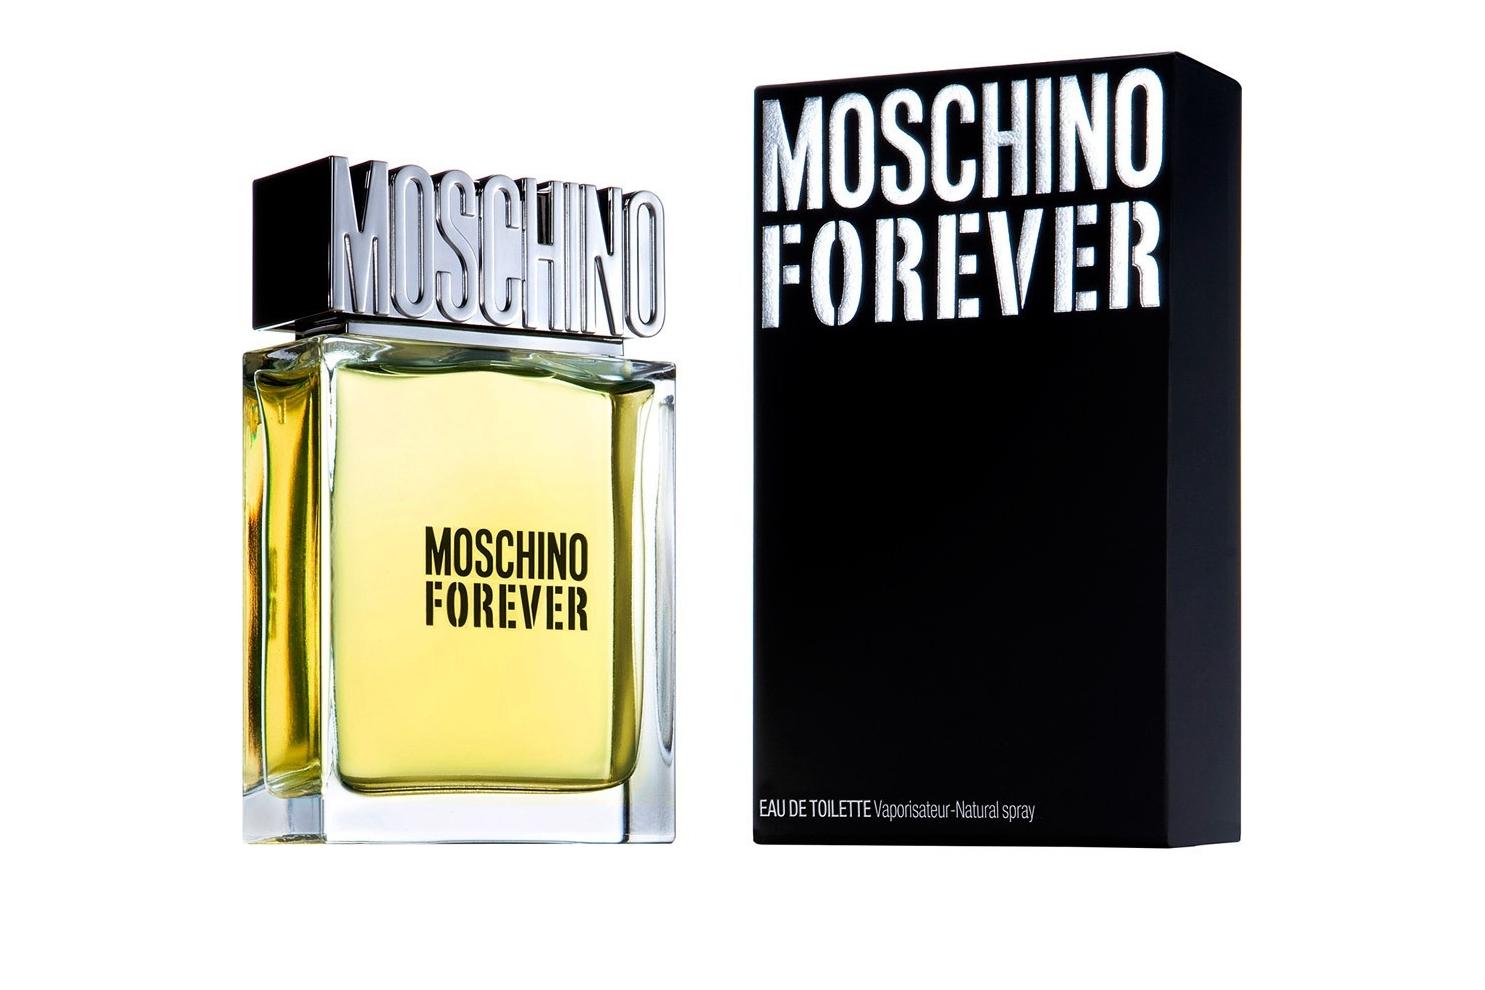 Moschino Moschino Forever- элегантный, классический и чуточку ироничный мужской аромат. Свежий и чувственный с удивительным и современным фужерным аккордом, раскрывается ярко и интенсивно!  Воплощение настоящей мужской дружбы!